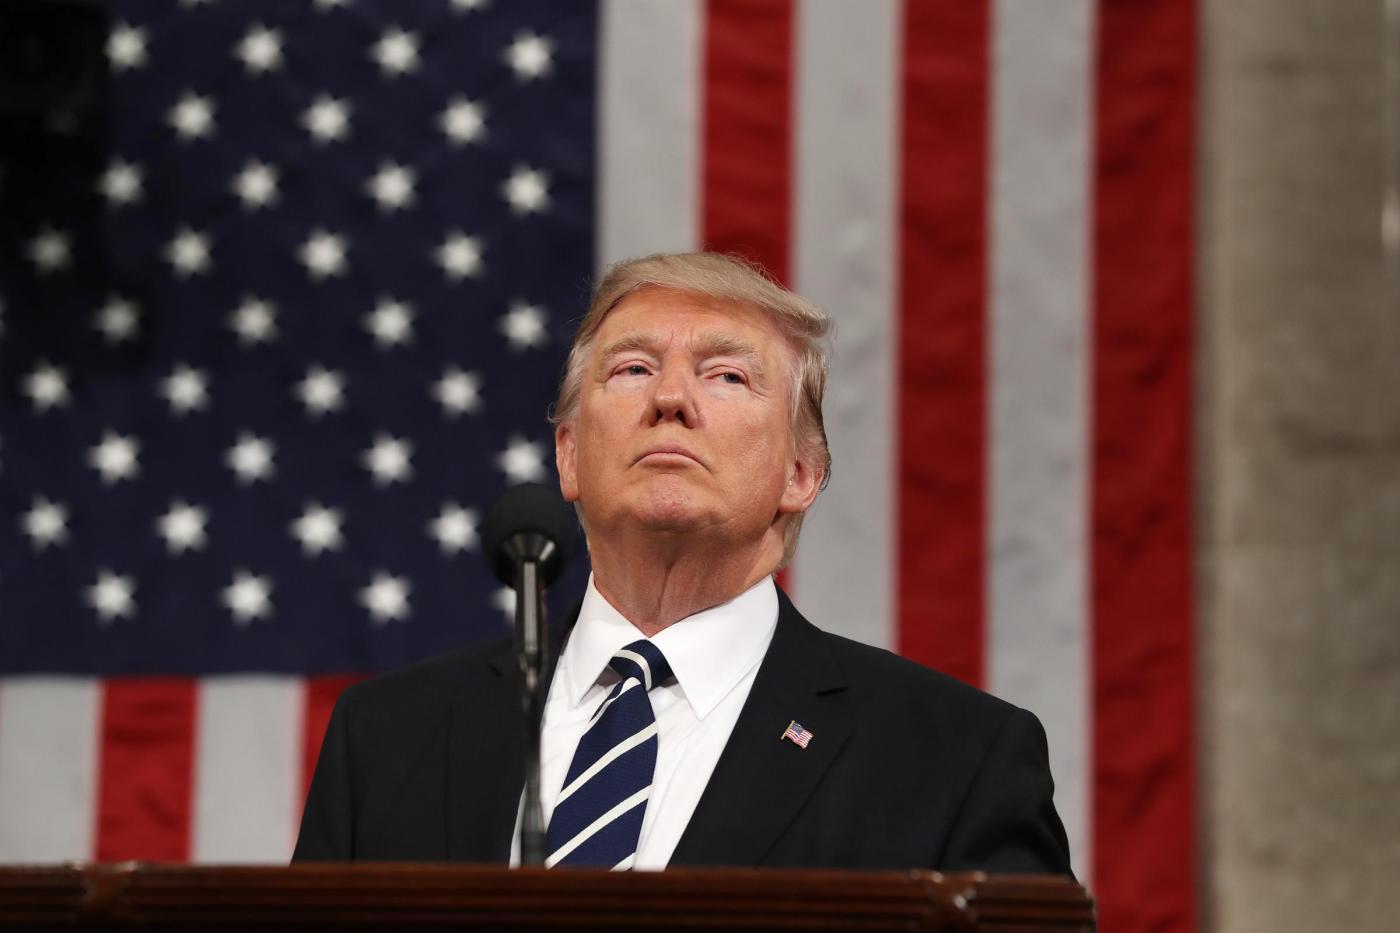 Trump caccia l'ambasciatore italiano a Washington troppo 'renziano'